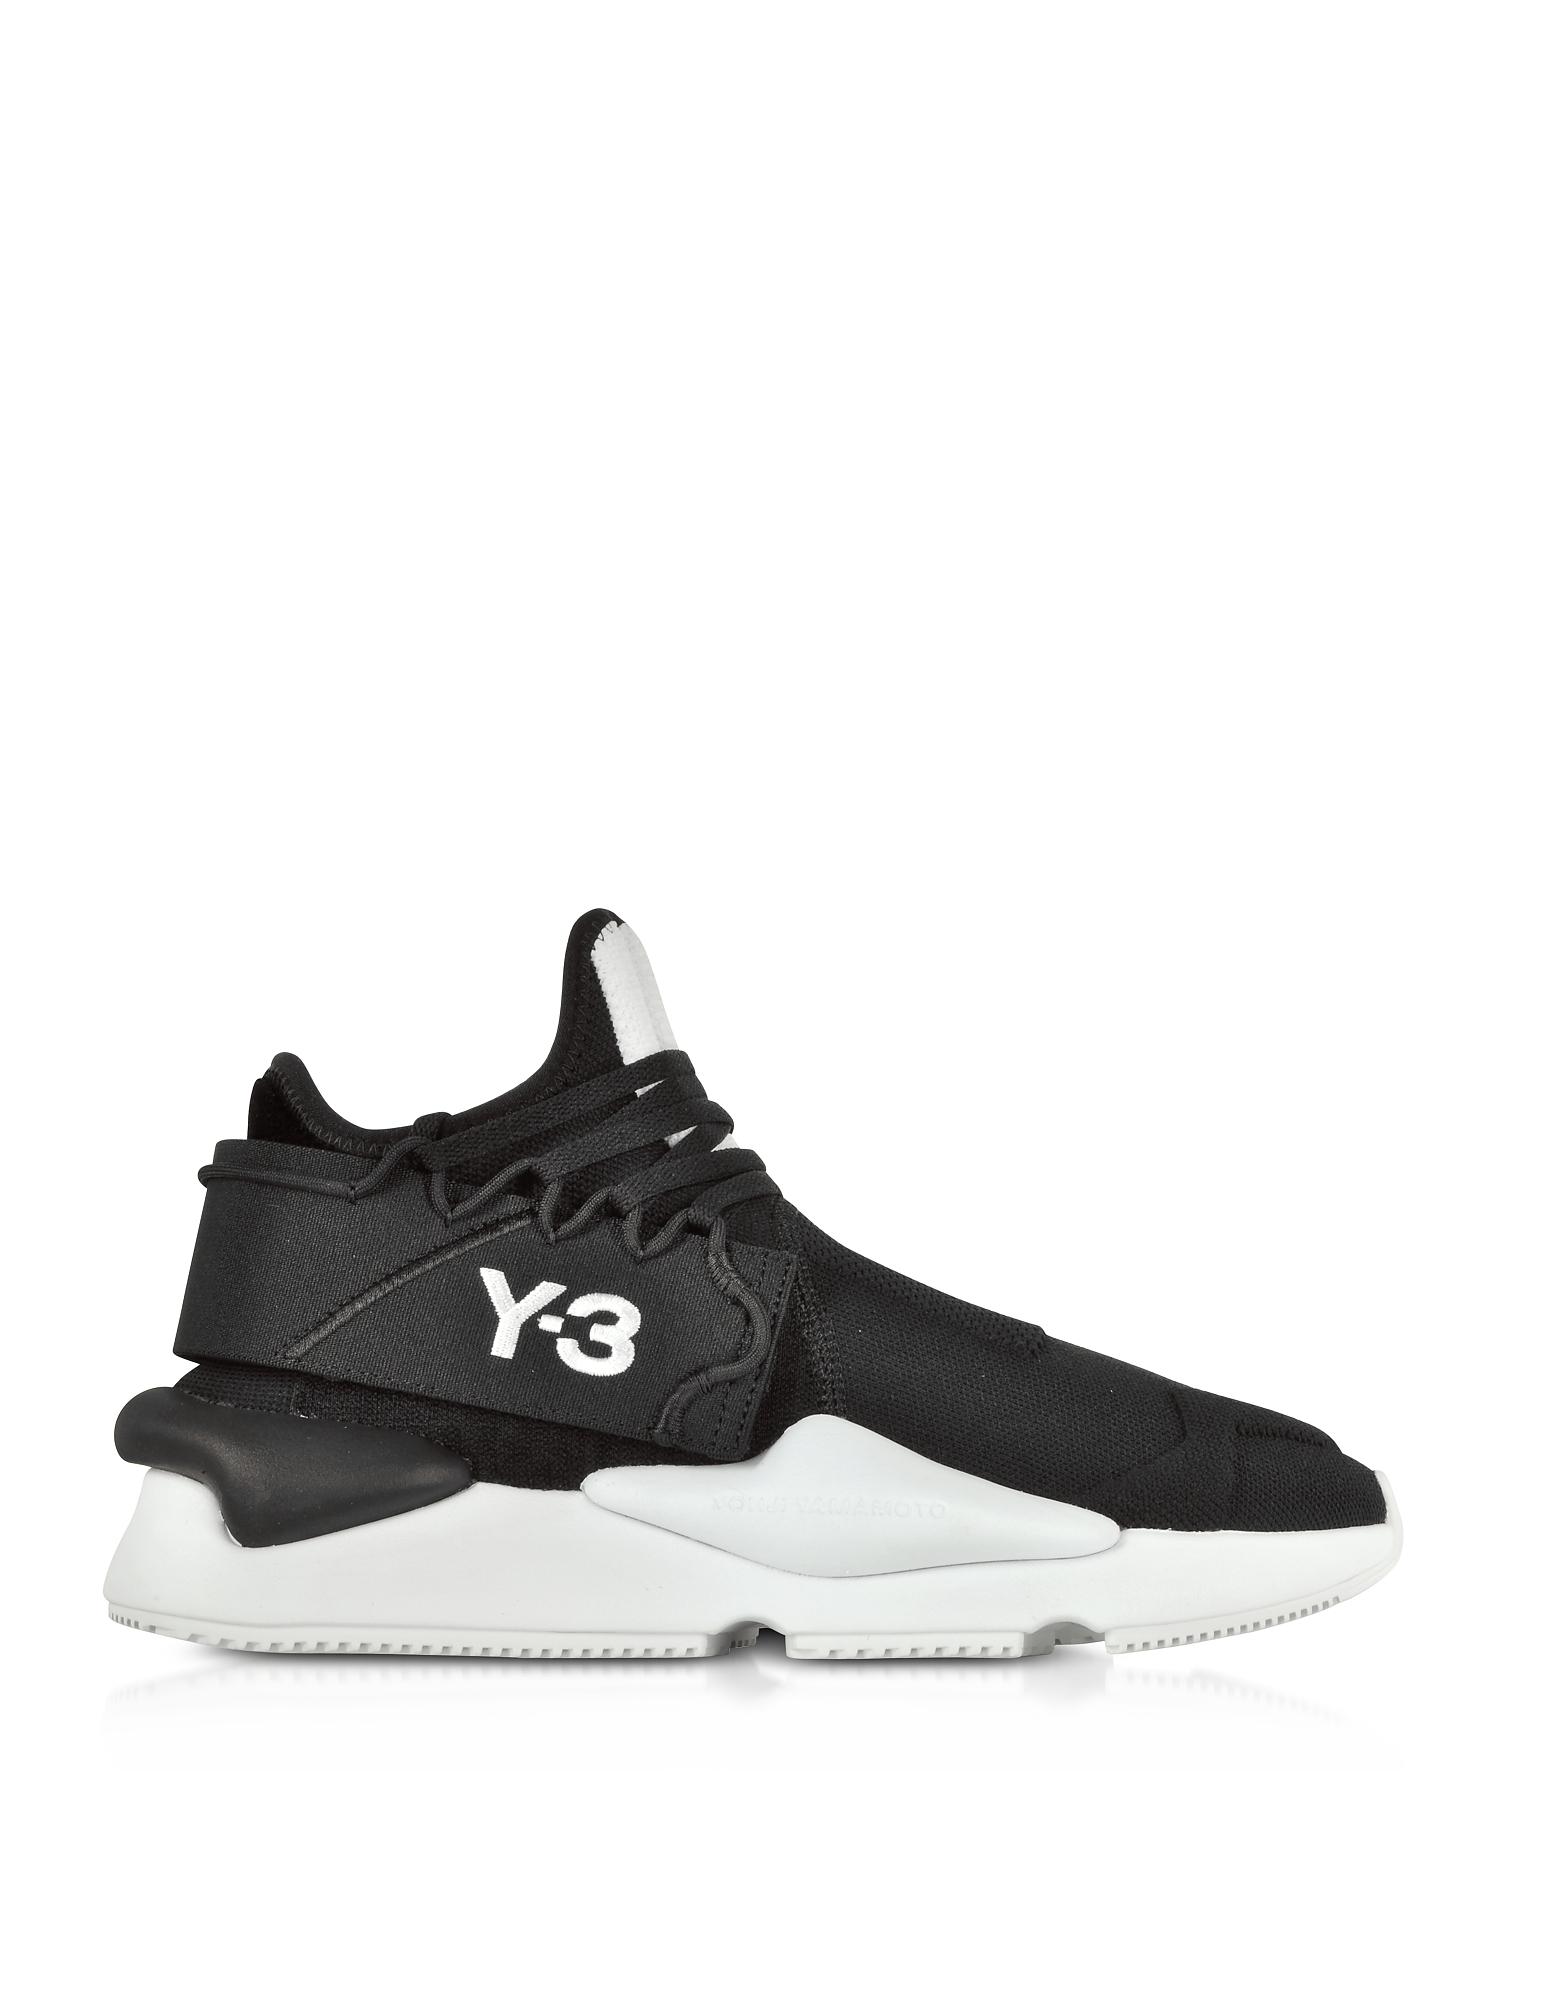 Y-3 Kaiwa Knit Black Nylon Men's Sneakers